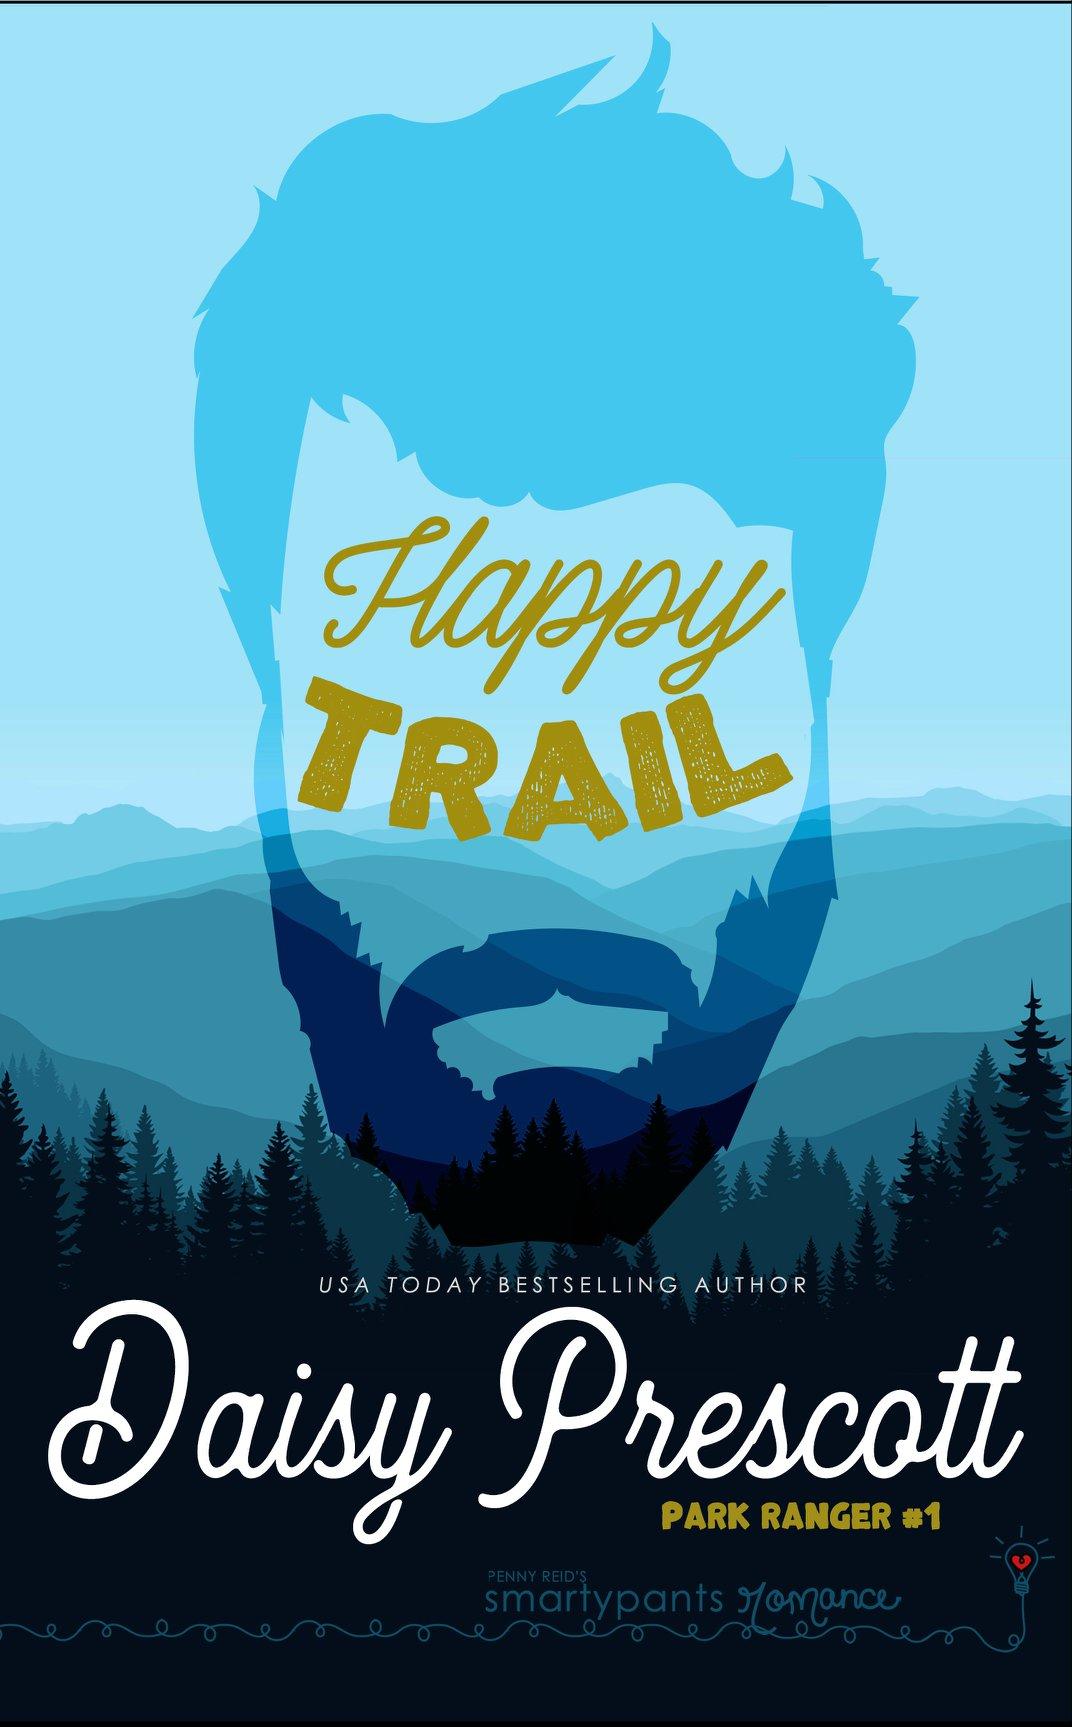 Happy Trail (Park Ranger #1) by Daisy Prescott